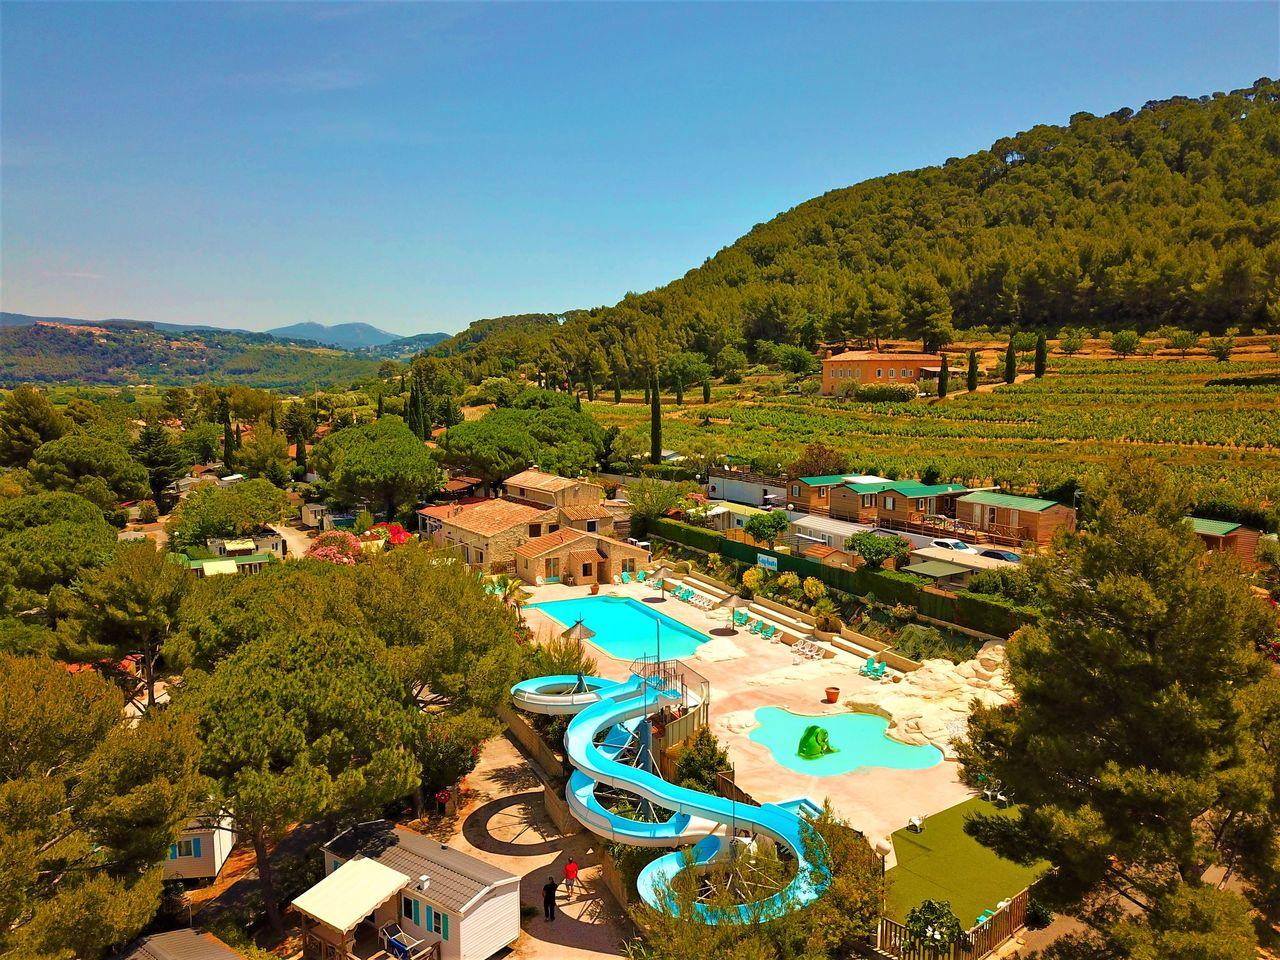 Campings au sud de la France : comment bien choisir ?